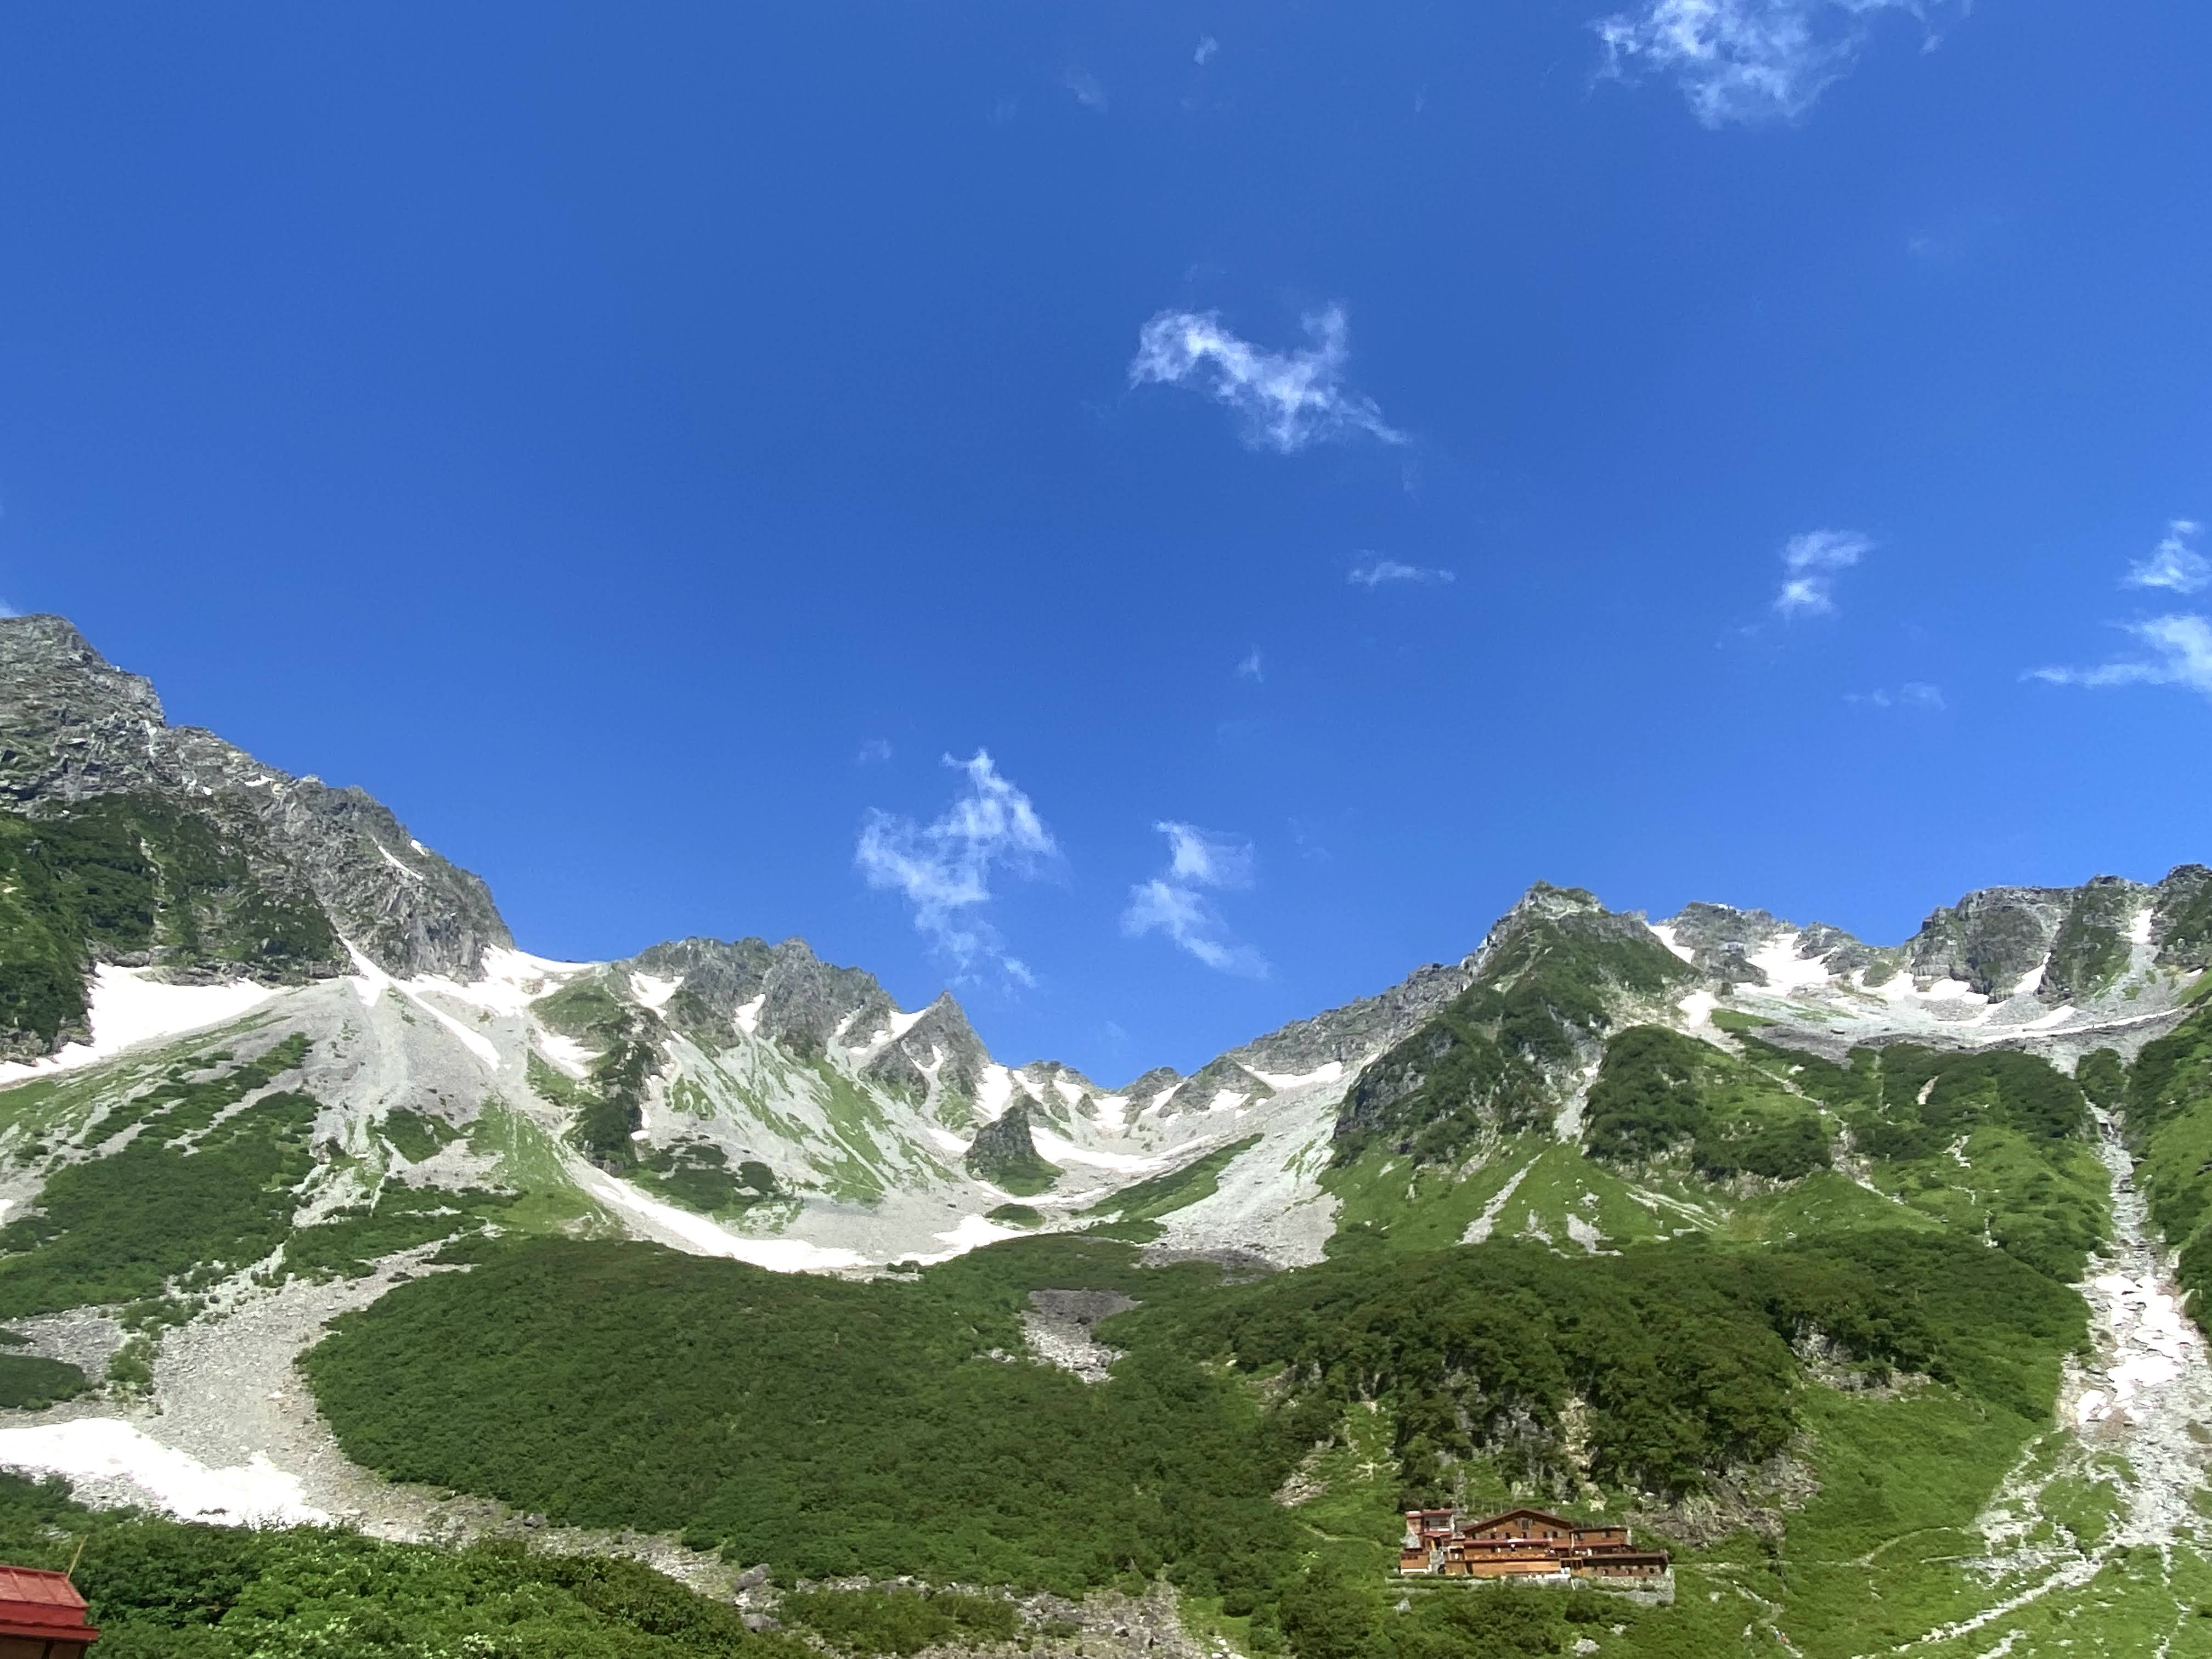 2021/07/25-27北穂高岳『一番高い山小屋から槍・穂高を見る』